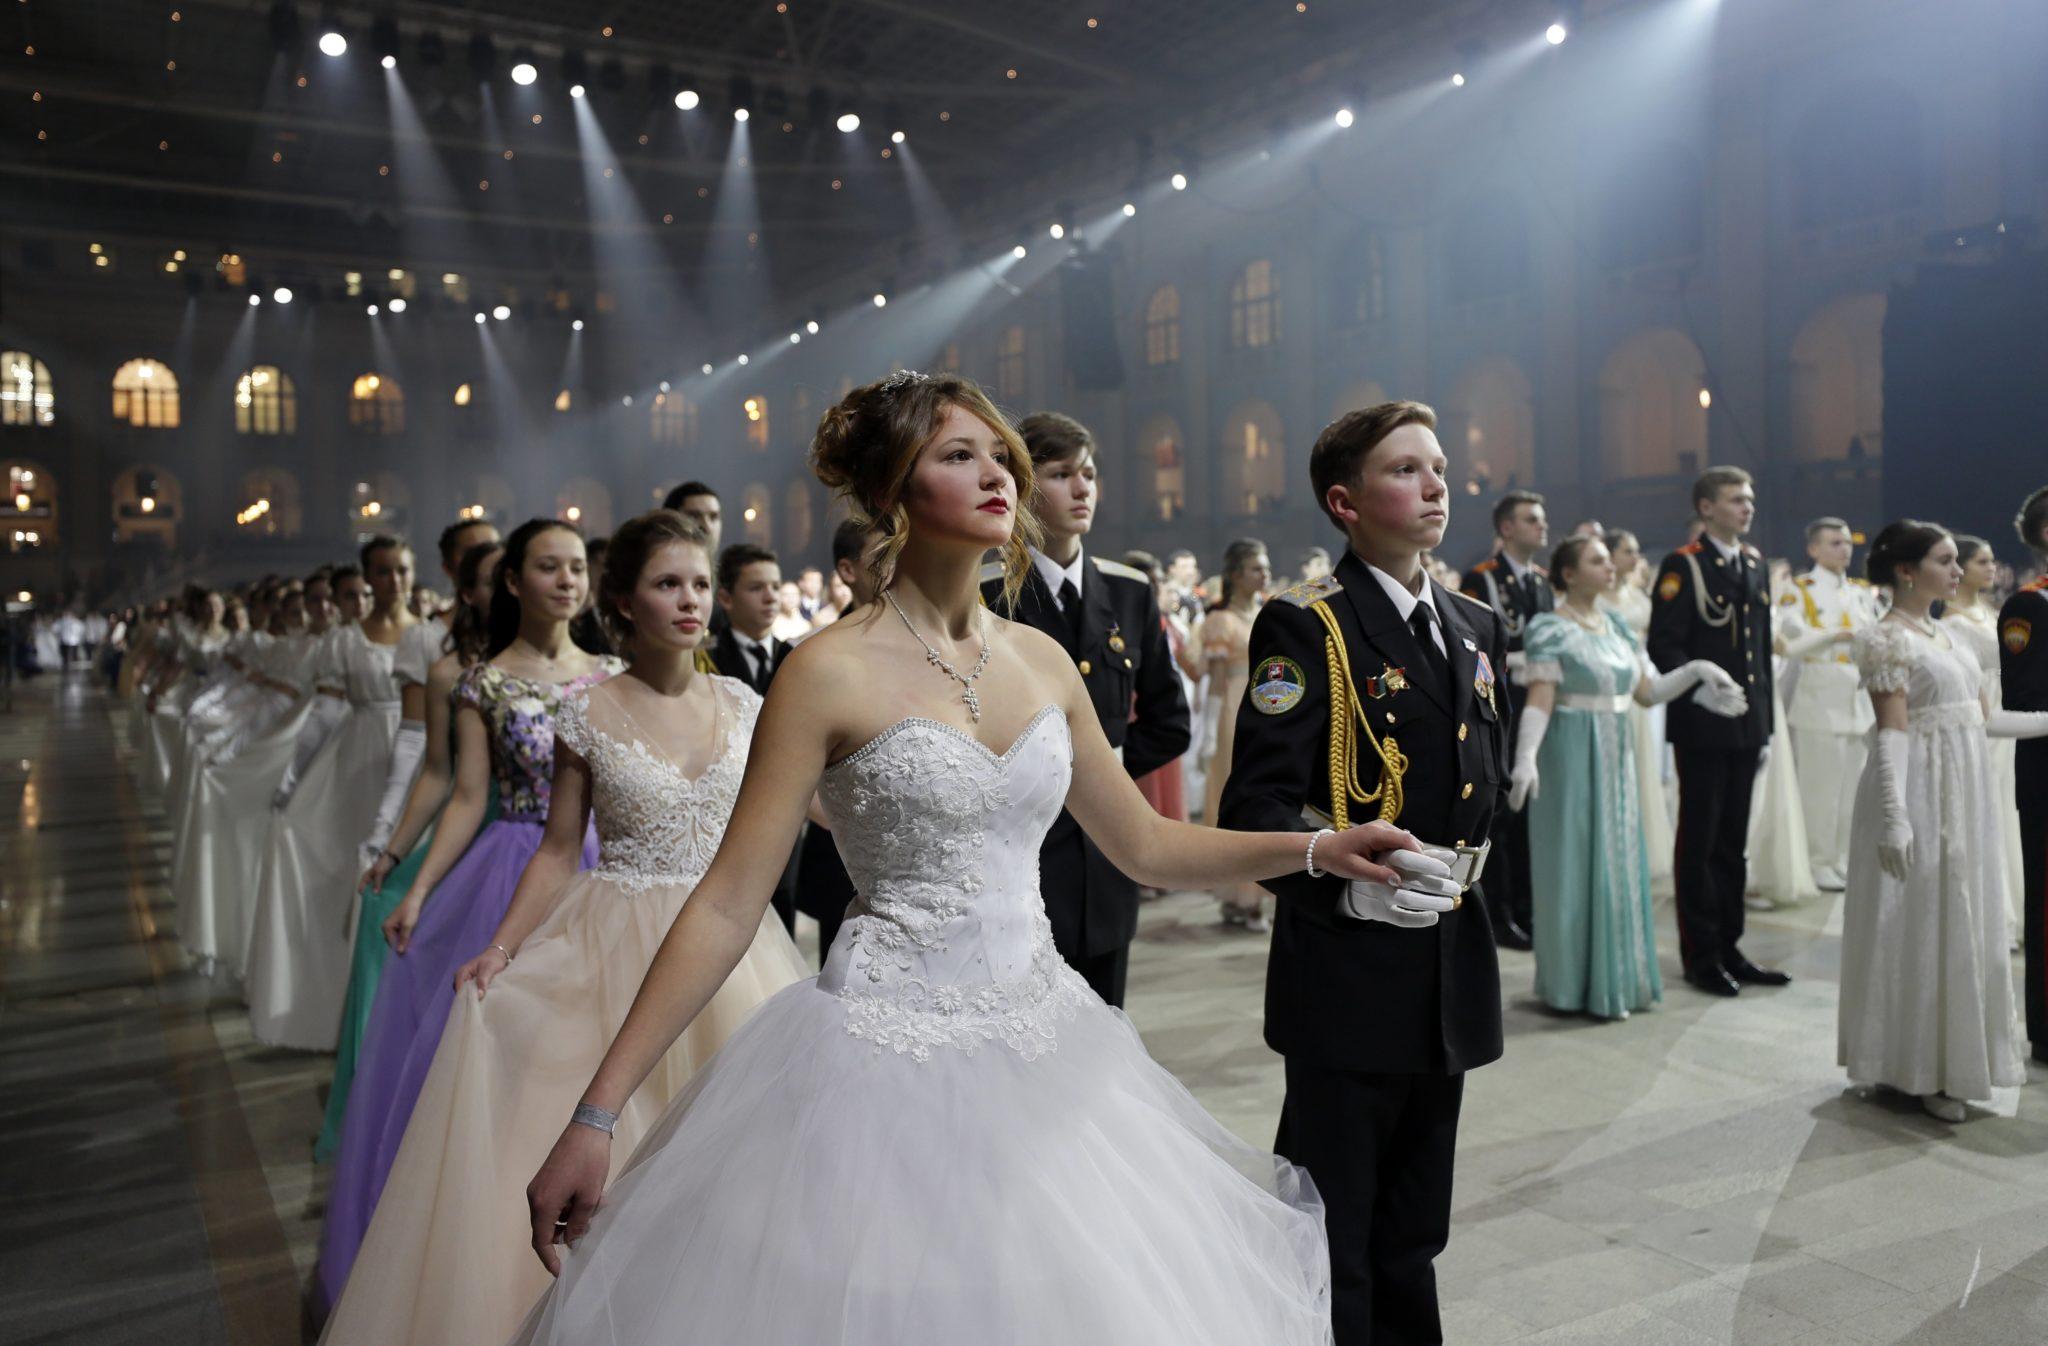 Moskwa: rosyjscy kadeci tanczą podczas uroczystego balu, fot: Yuri Kochetkov, PAP/EPA